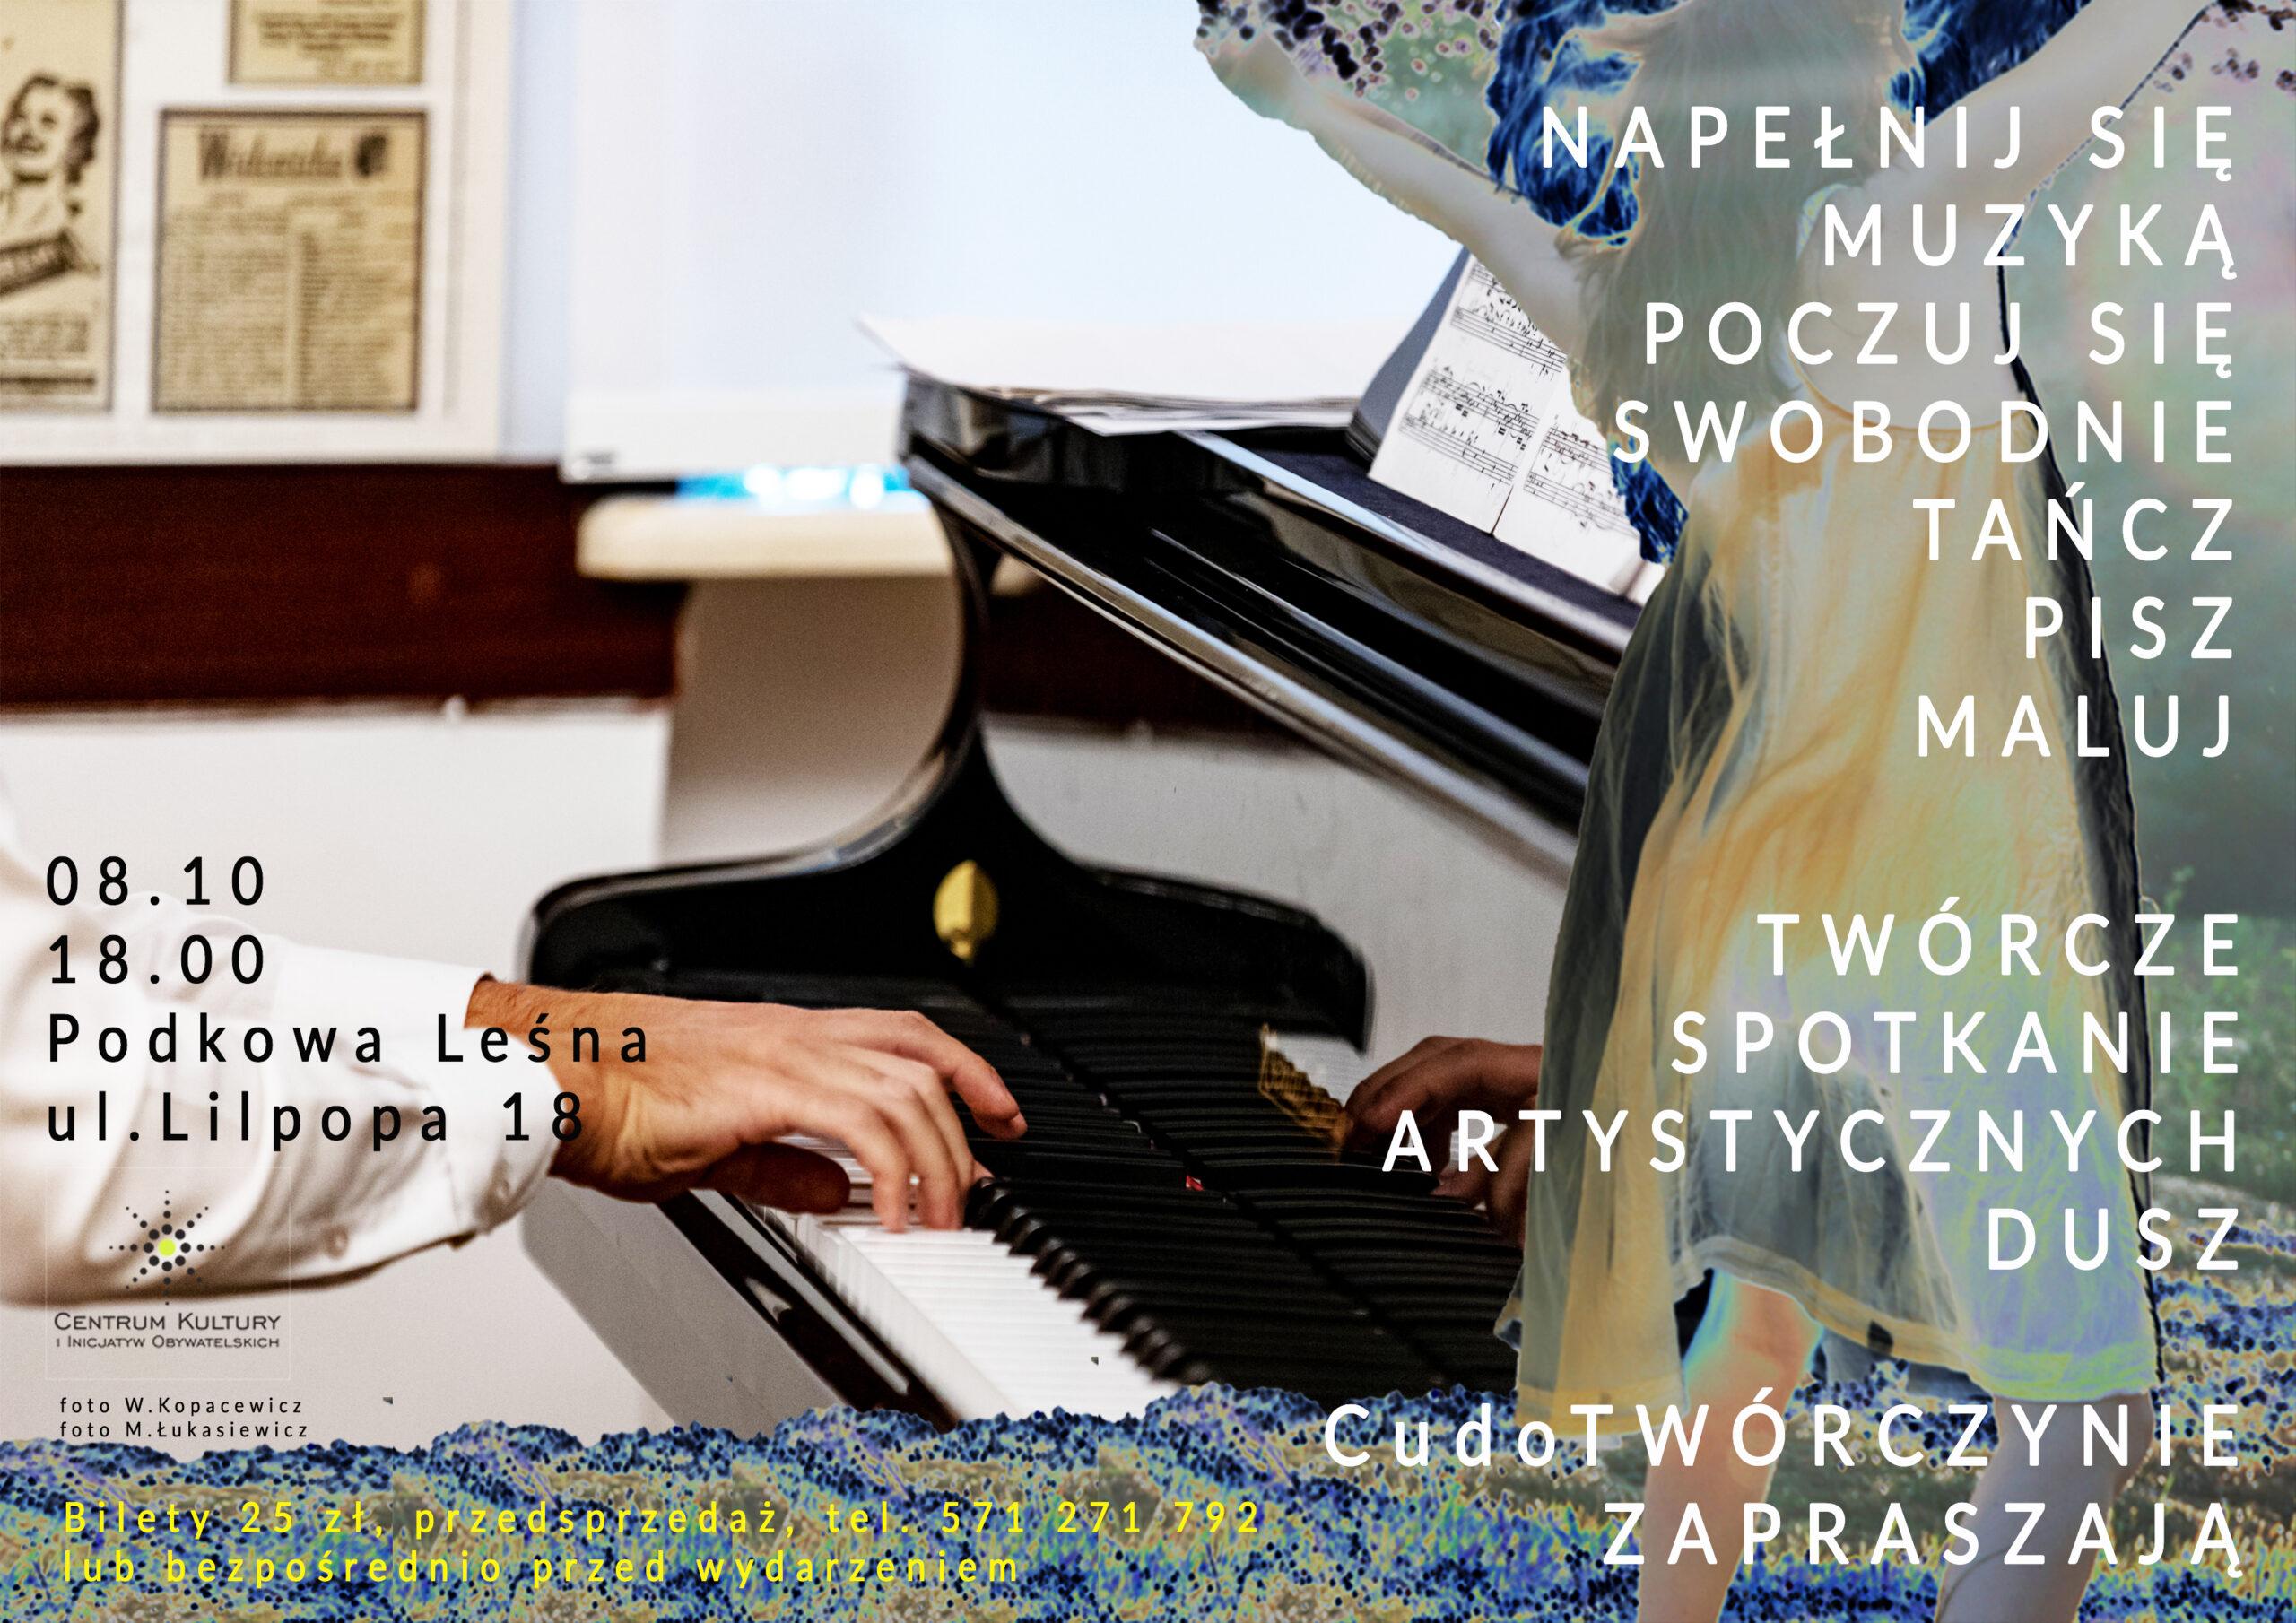 You are currently viewing NAPEŁNIJ SIĘ MUZYKĄ – twórcze spotkanie artystycznych dusz